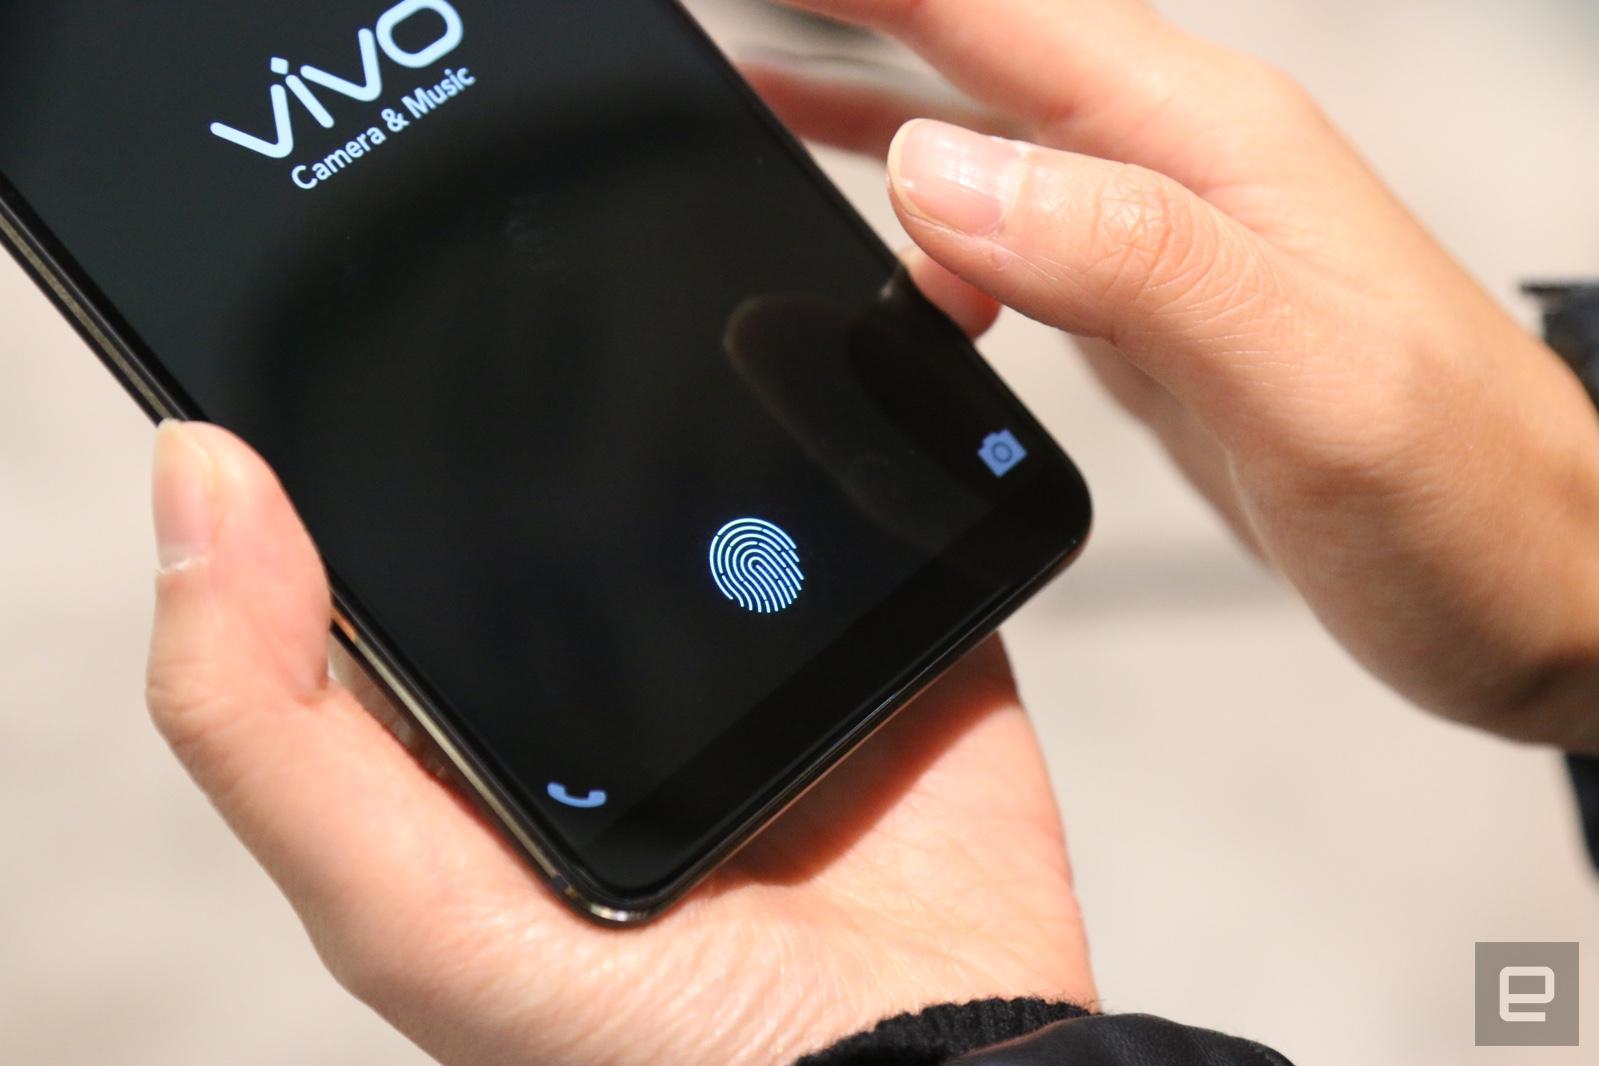 This phone's in-display fingerprint sensor is a taste of